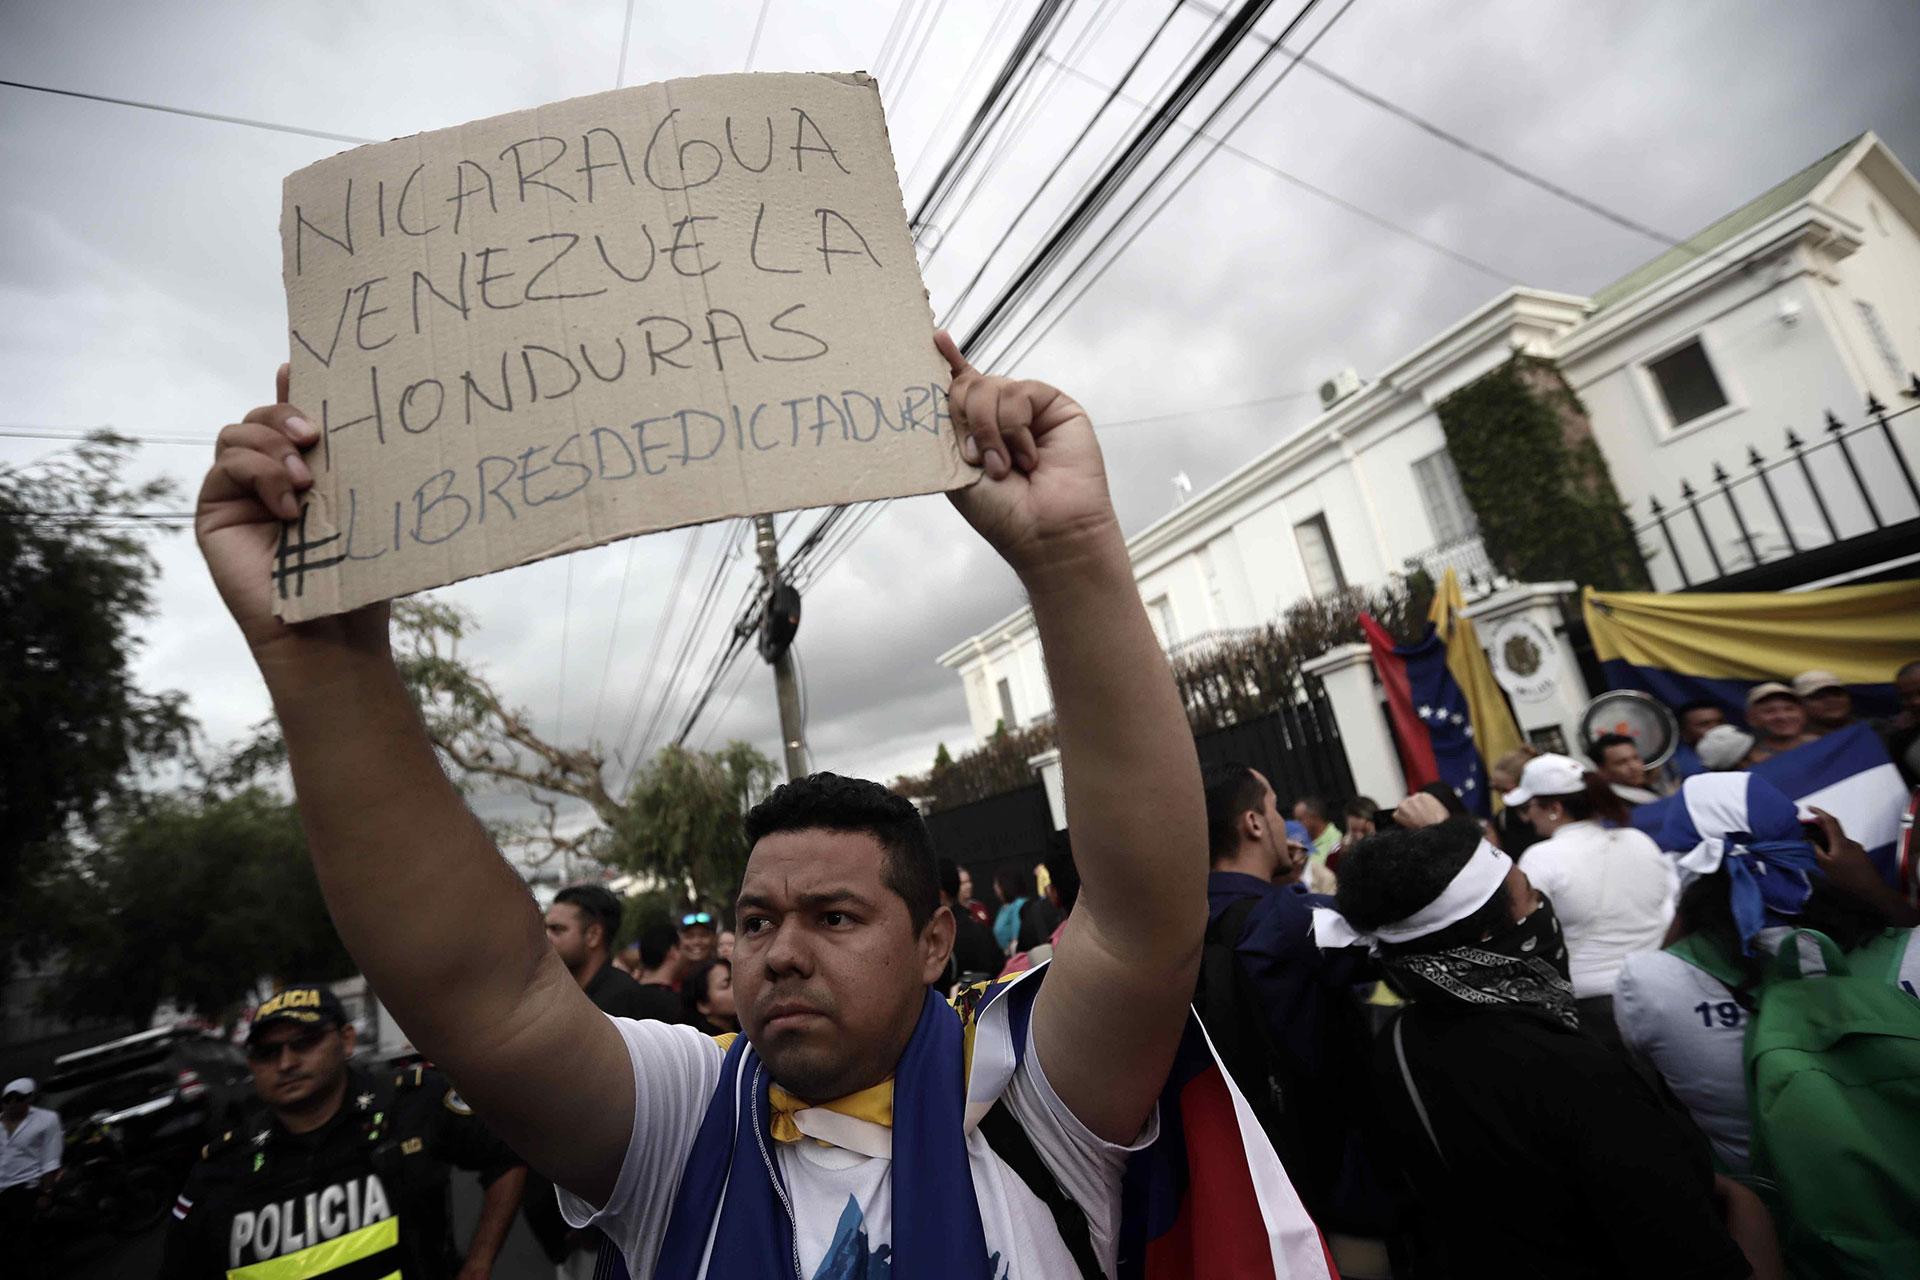 Un manifestante en San José, Costa Rica, exigió cambios de gobiernos en Nicaragua, Venezuela y Honduras